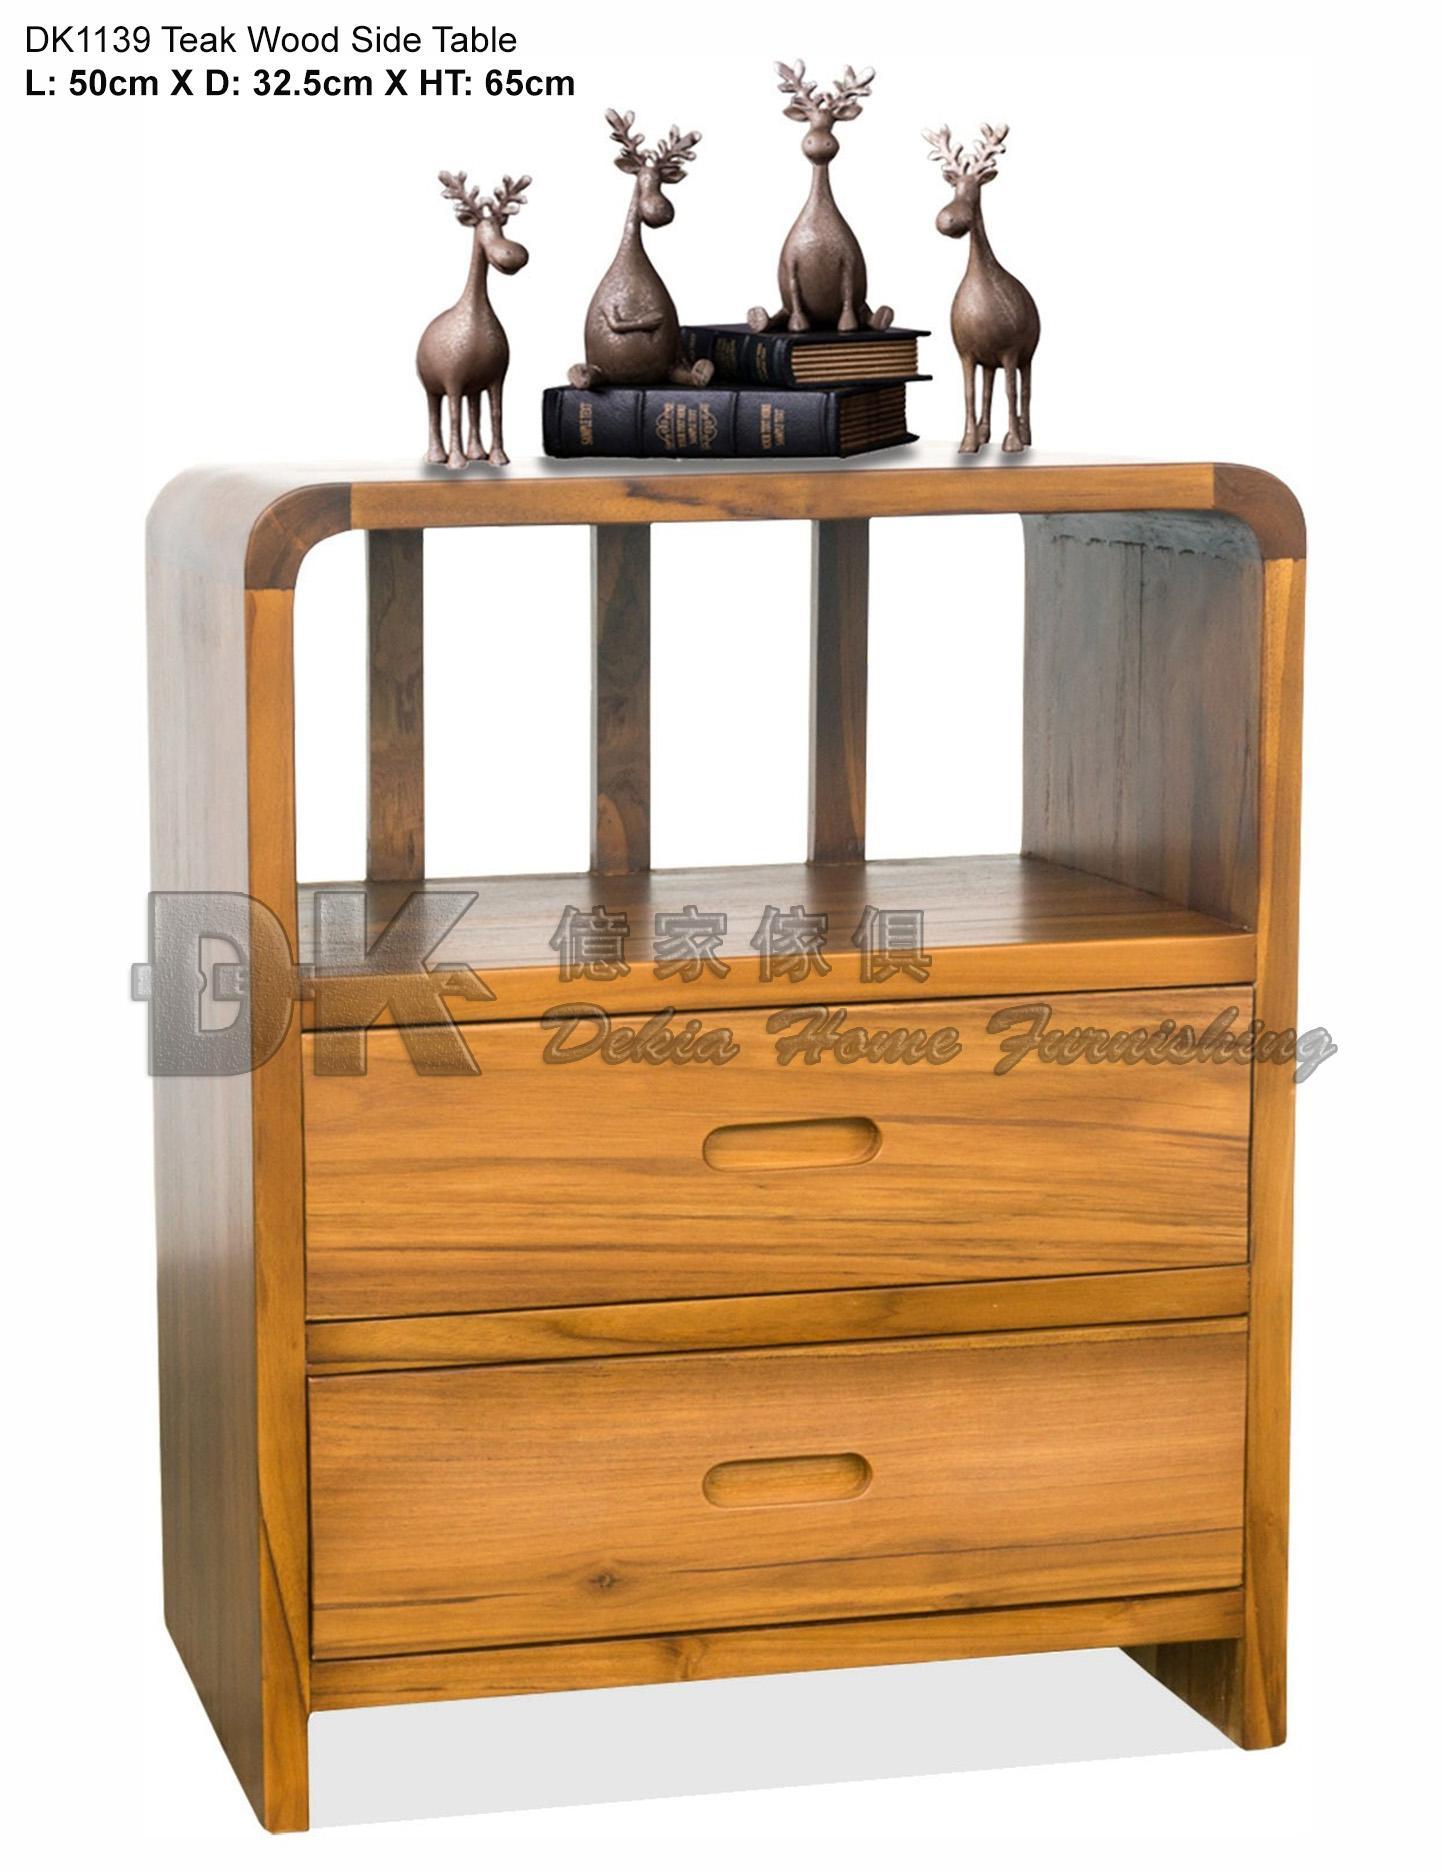 DK1139 Side Table Natural Teak Wood